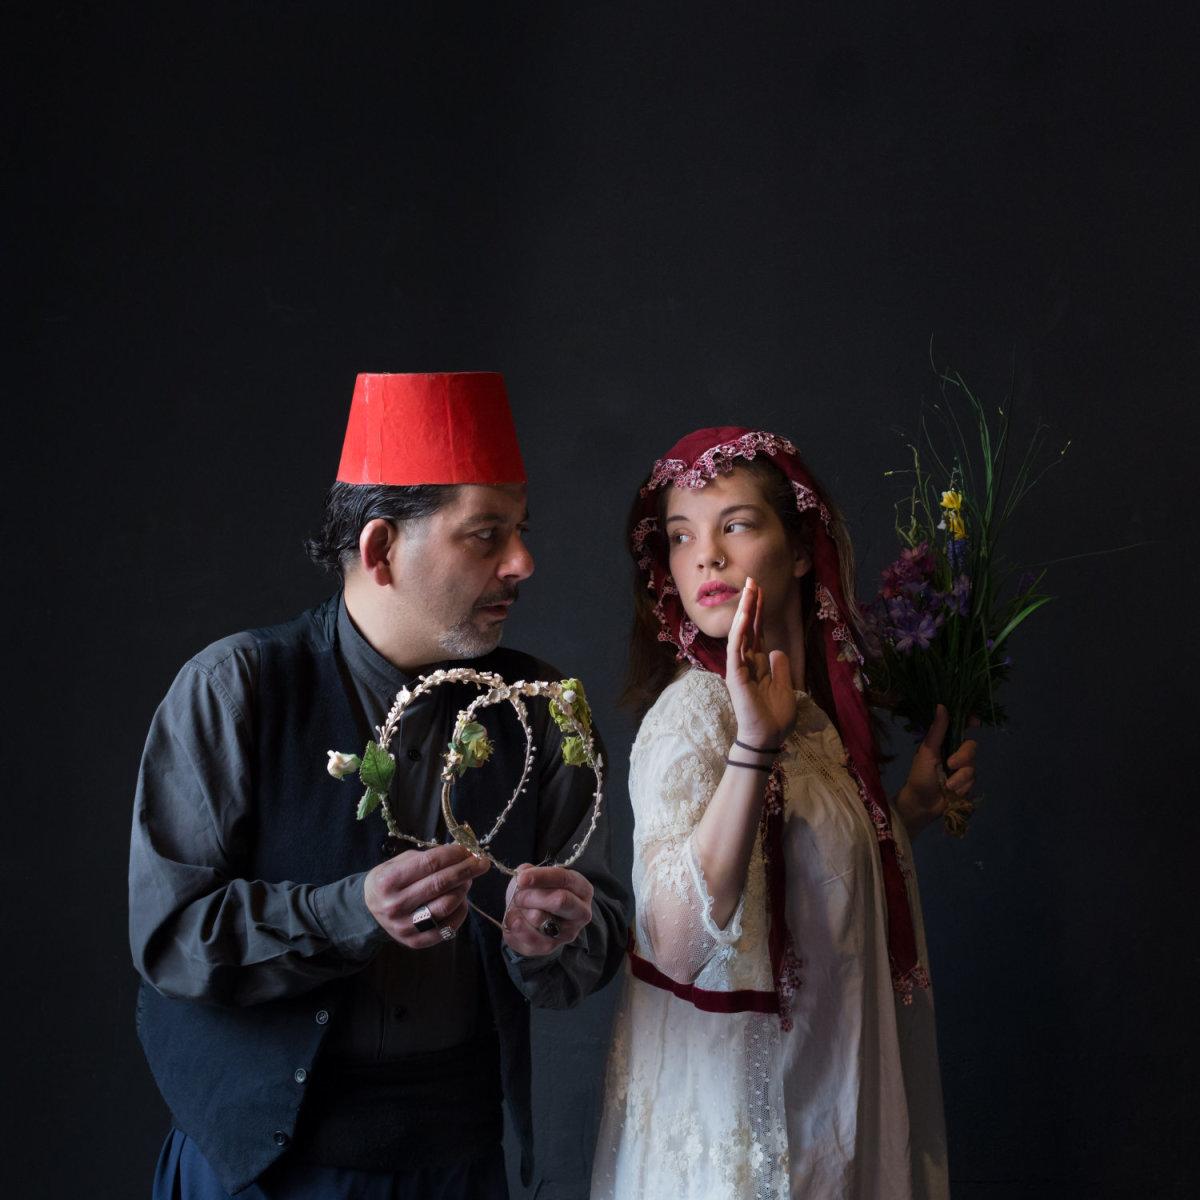 Μαρία Δαμασιώτη (ηθοποιός): «Ζούμε στην εποχή του κυνισμού»